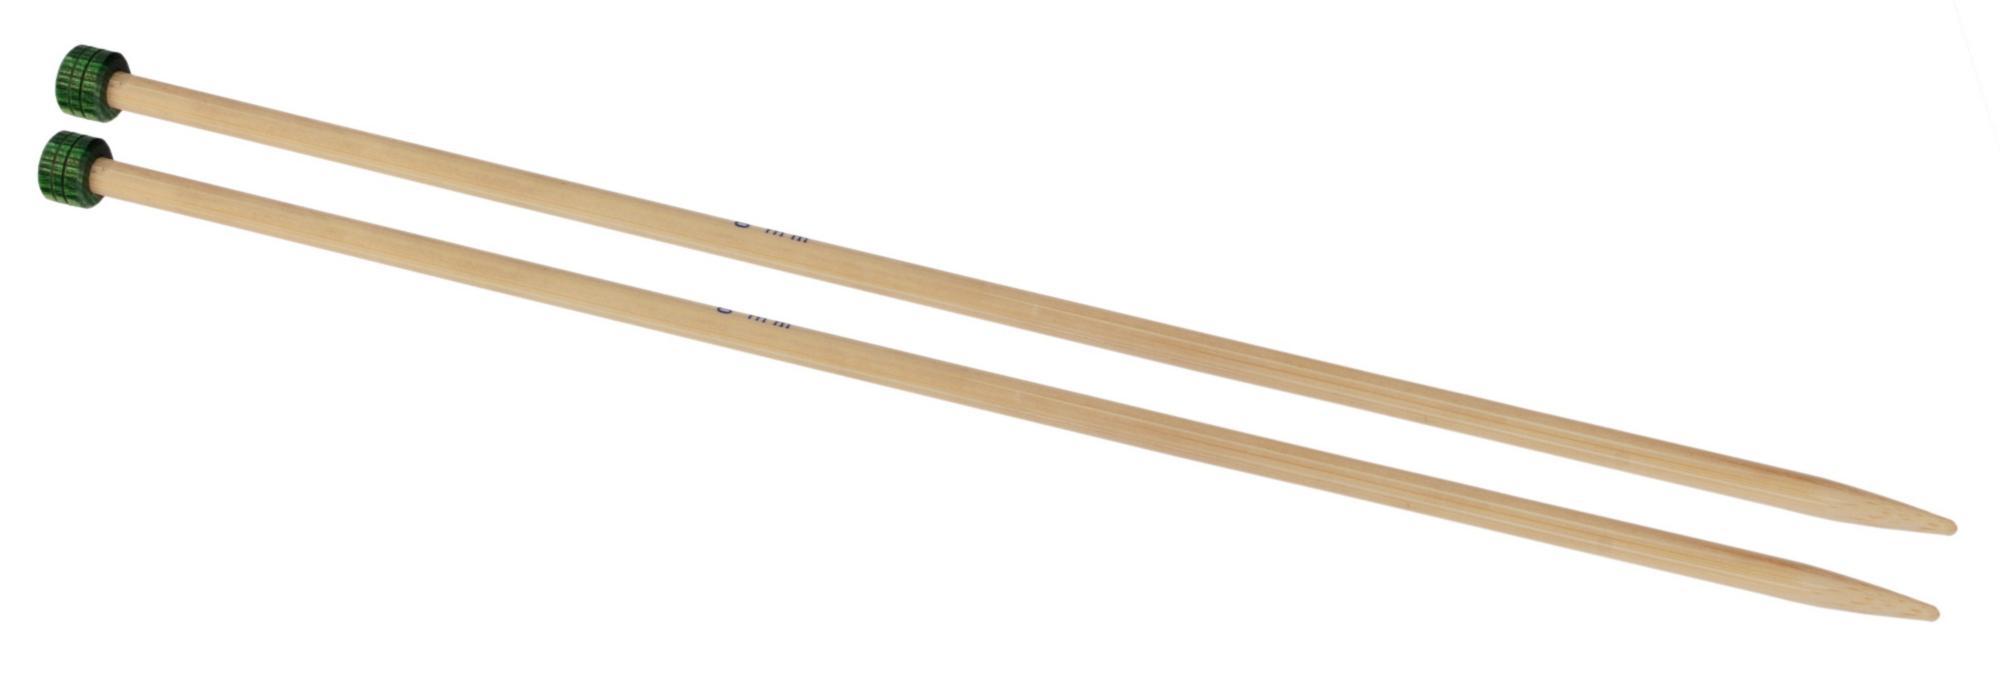 Спицы прямые 30 см Bamboo KnitPro, 22325, 3.00 мм